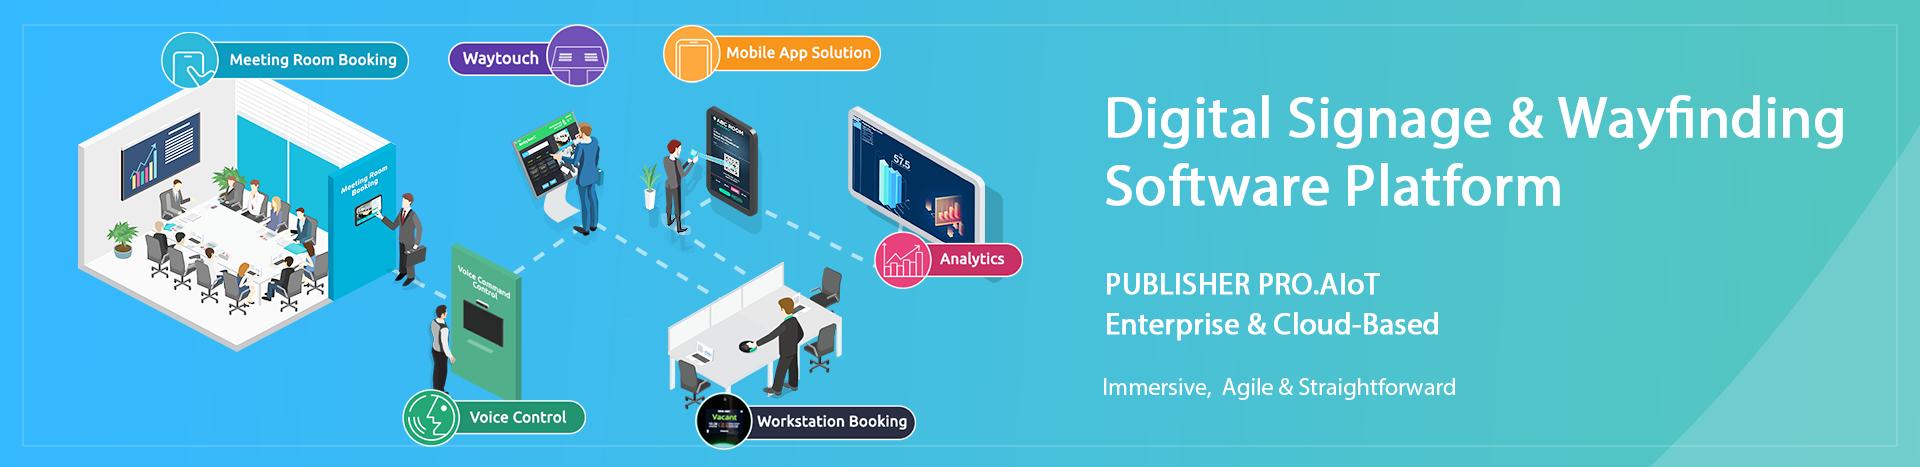 Digital Signage Software Platform